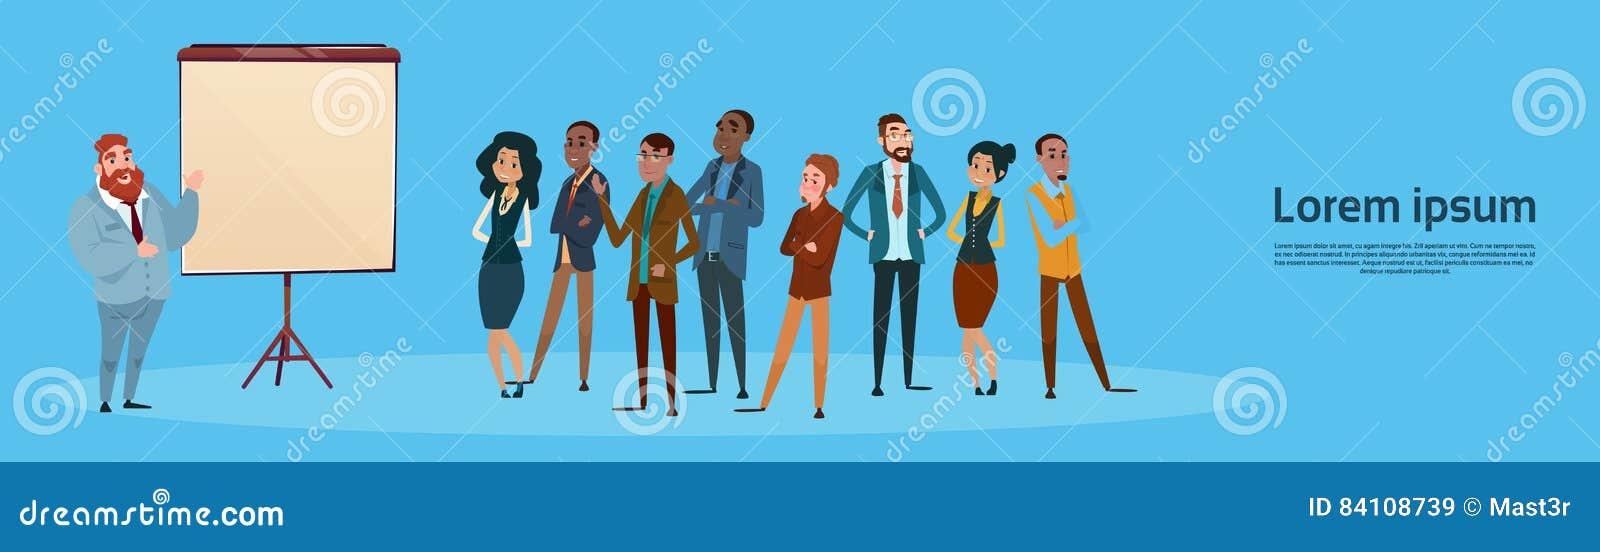 Der Gruppen-Geschäftsleute Darstellungs-Flip Chart, Wirtschaftler Team Training Conference Meeting